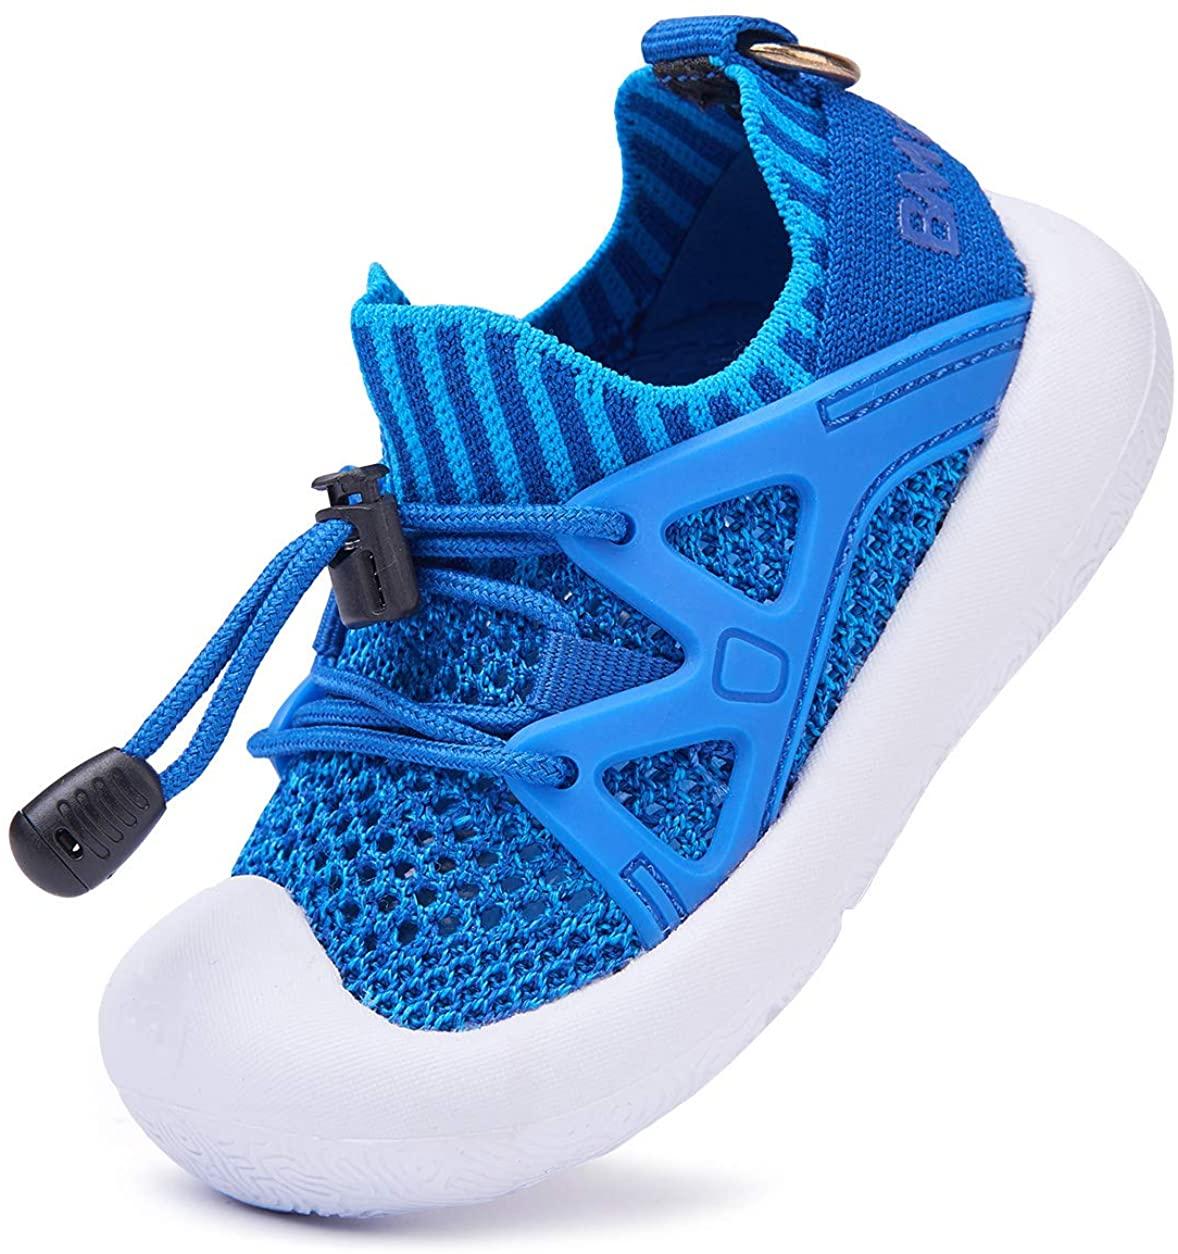 BMCiTYBM Mesh Toddler Sneakers Boys Girls Slip on Shoes Little Kid Tennis Running Shoes